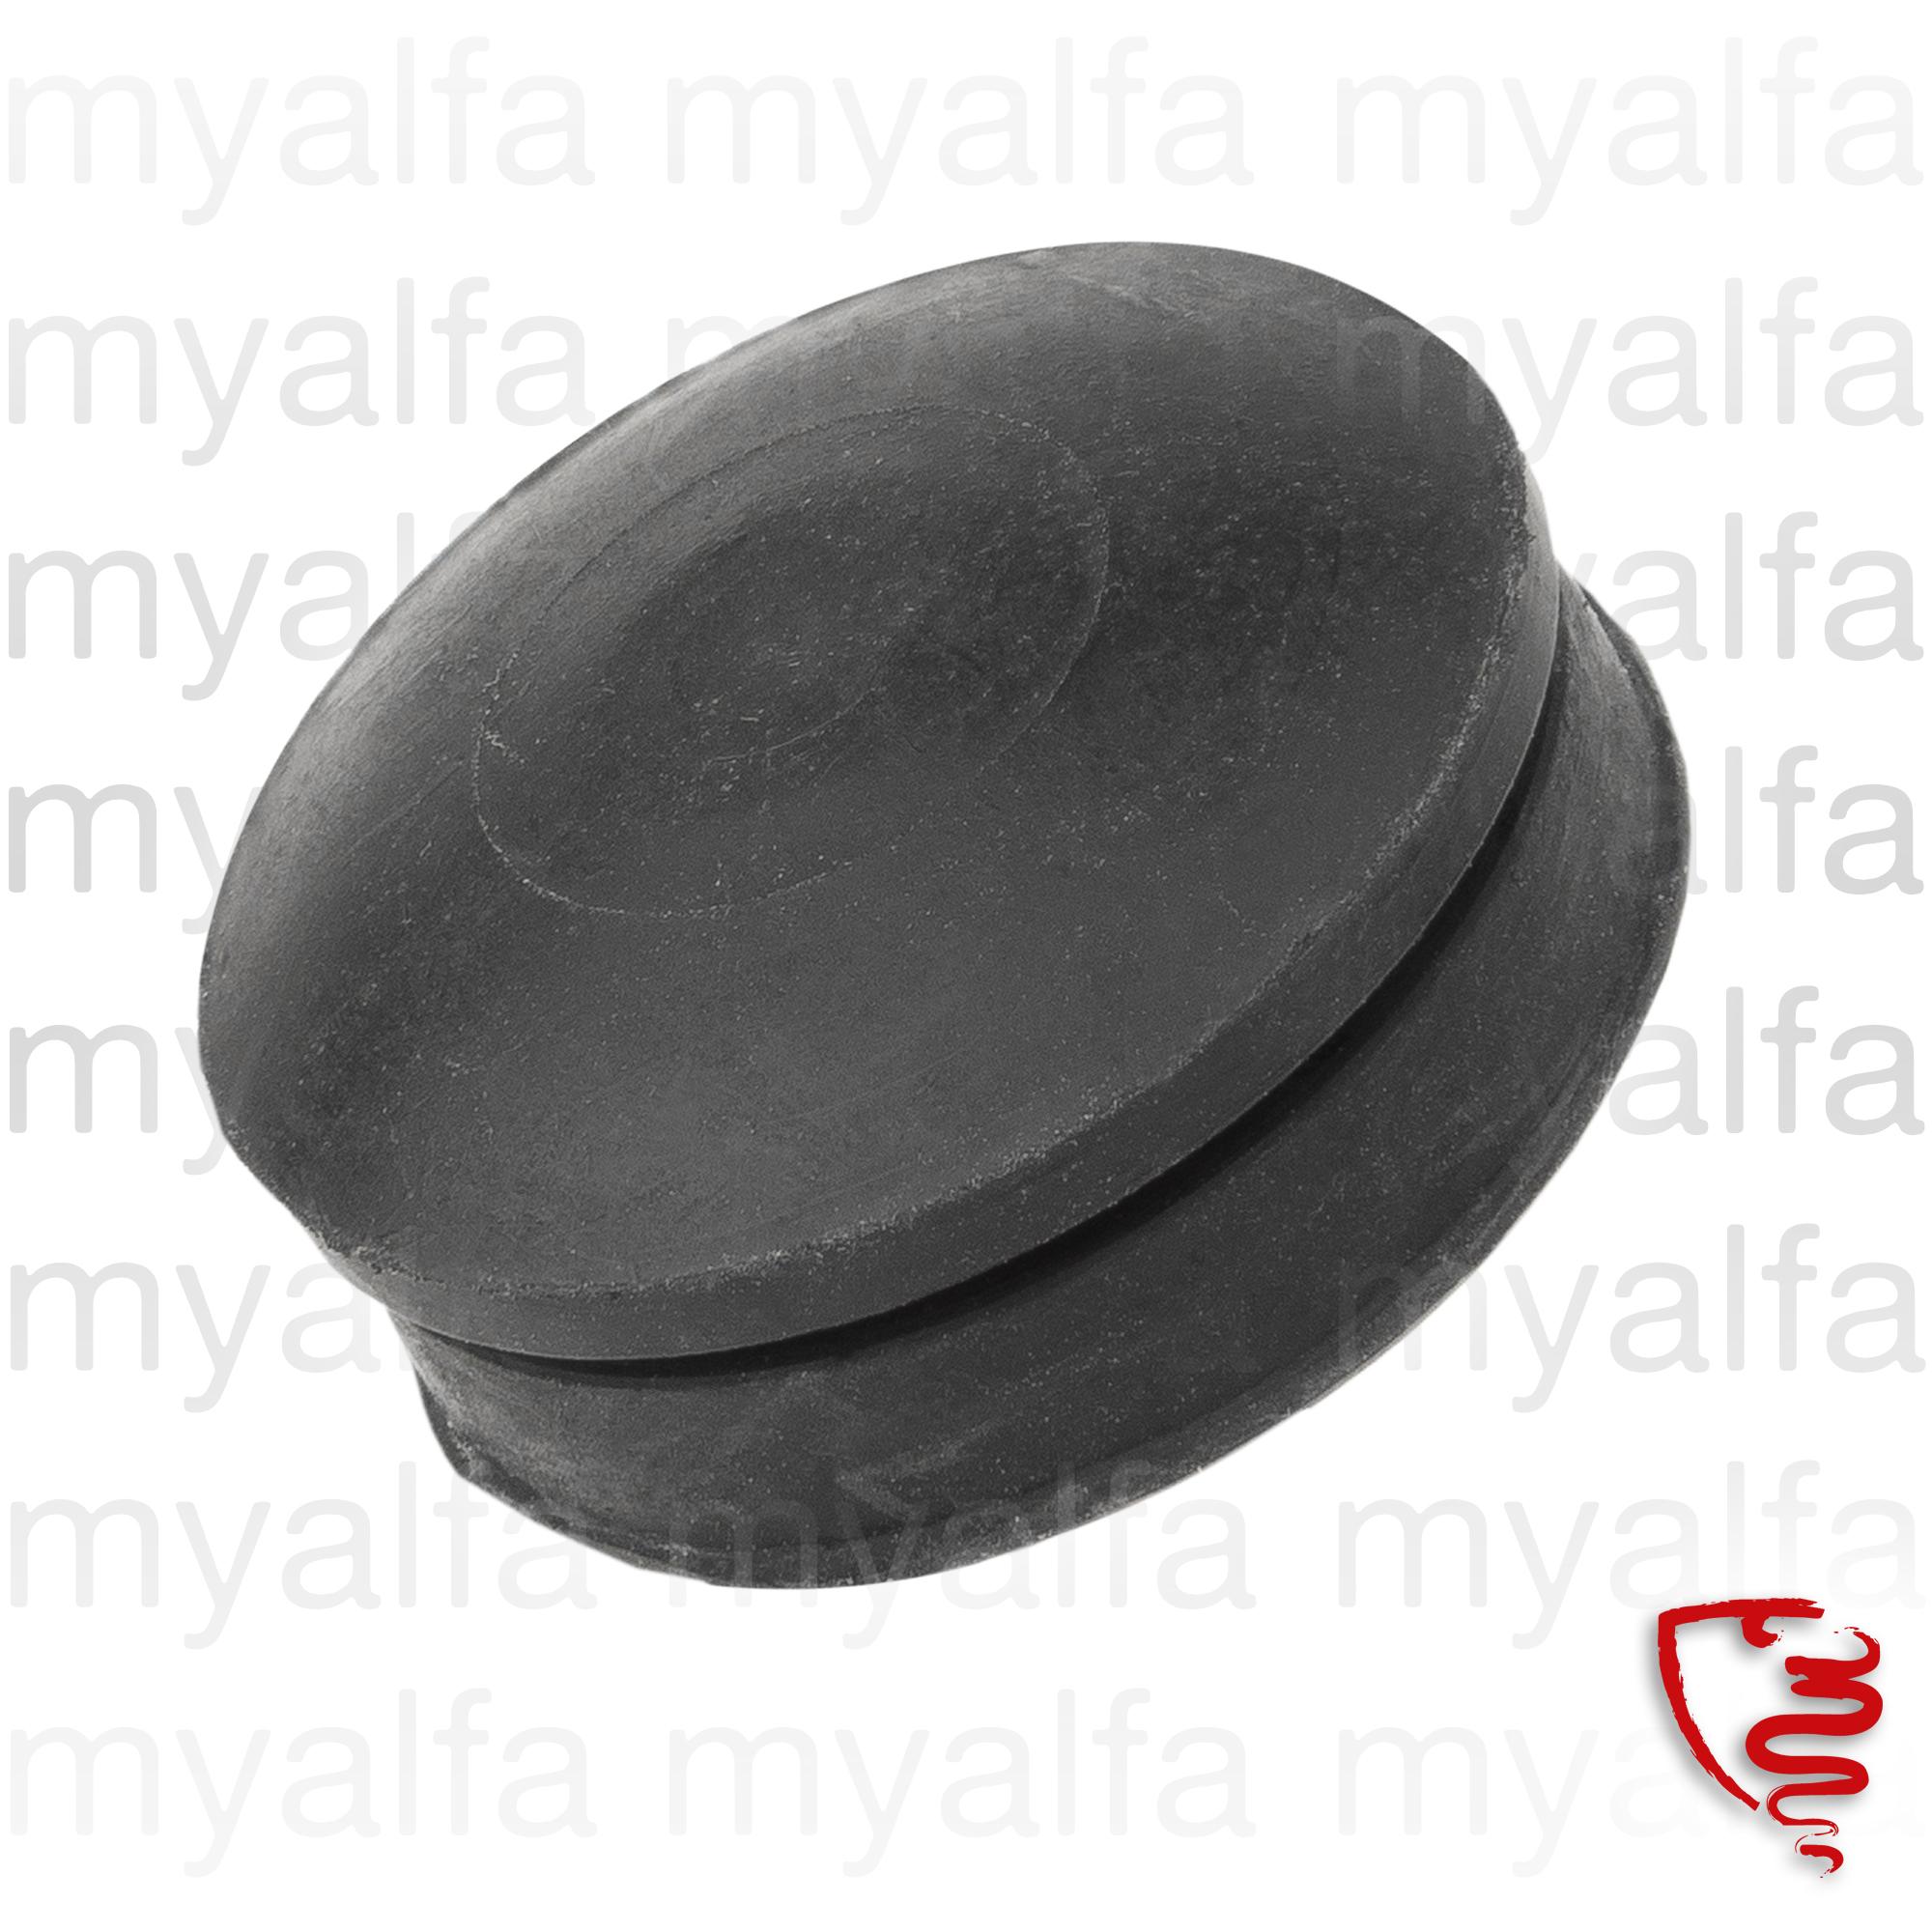 Door rubber Taco for 105/115, Coupe, Body parts, Rubber parts, Door grommets/felt/seals